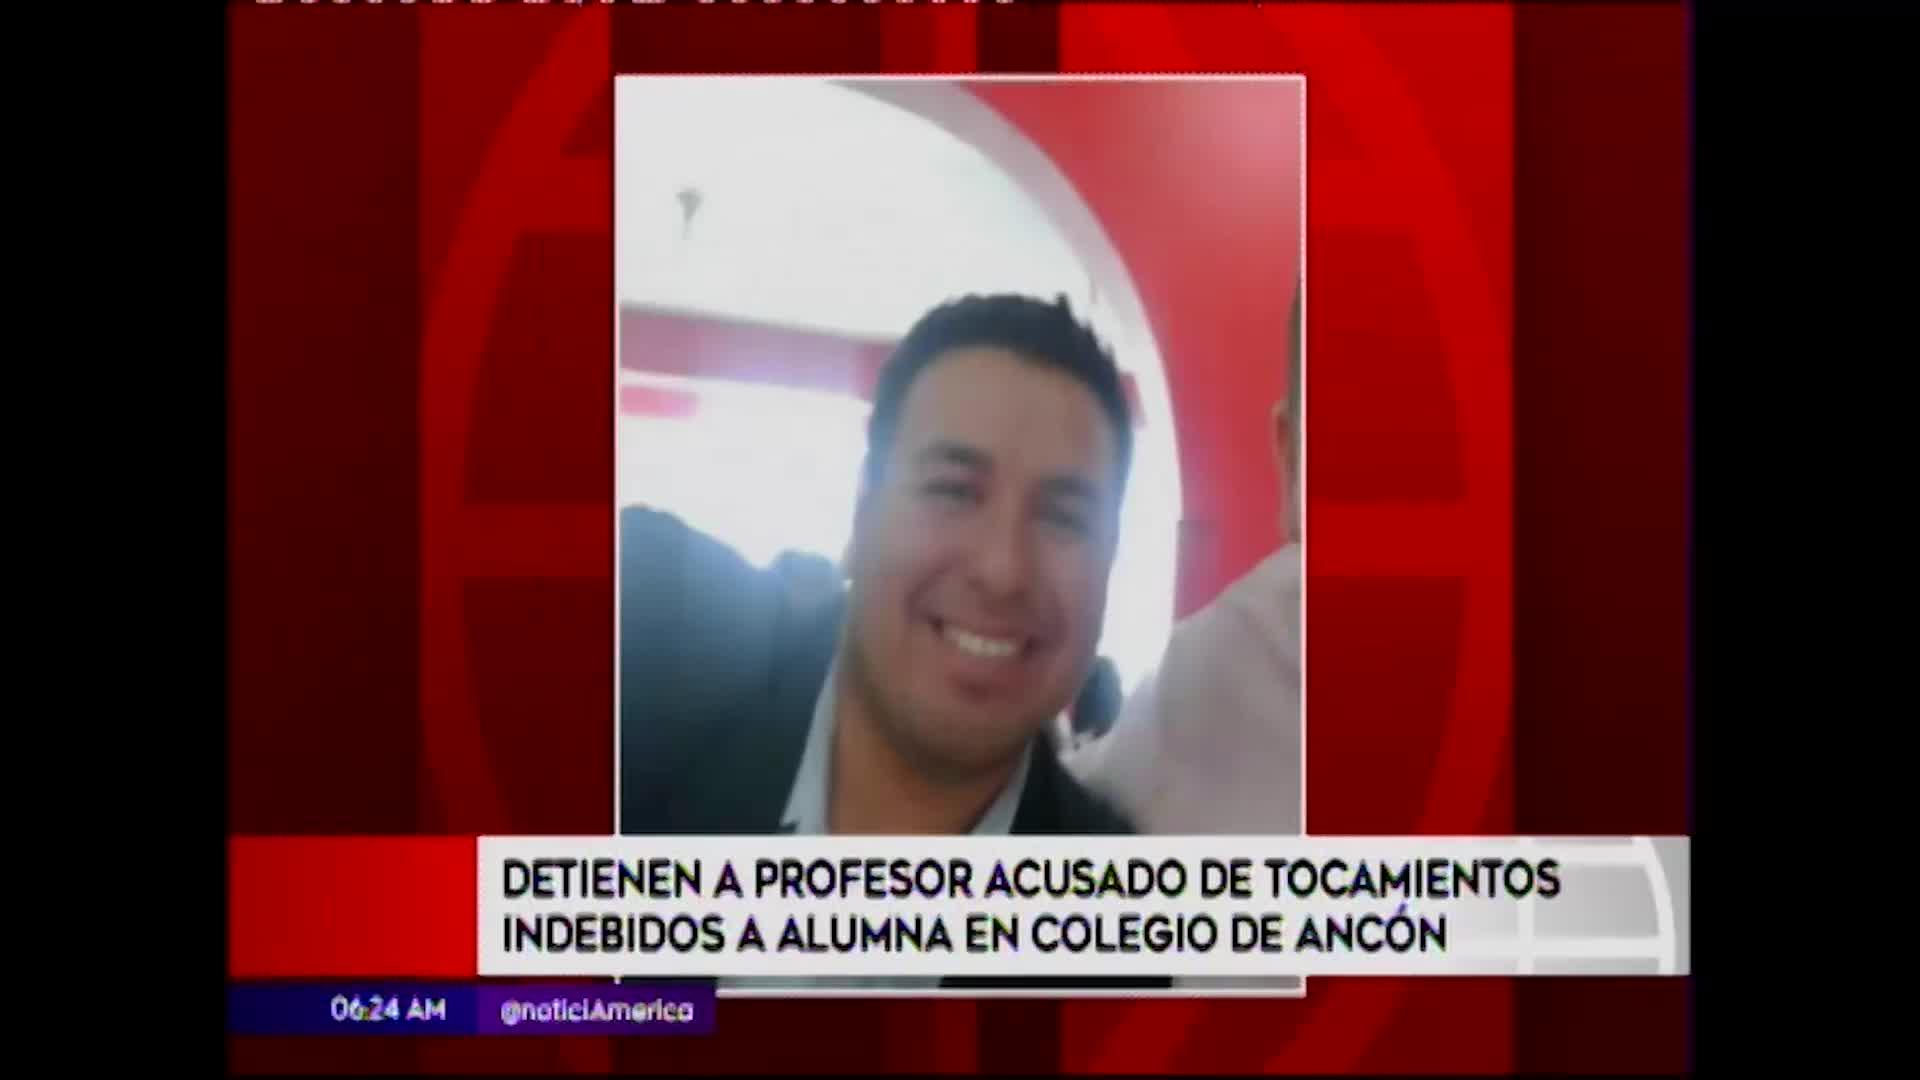 Ancón: acusan a profesor de realizar tocamientos indebidos a alumna